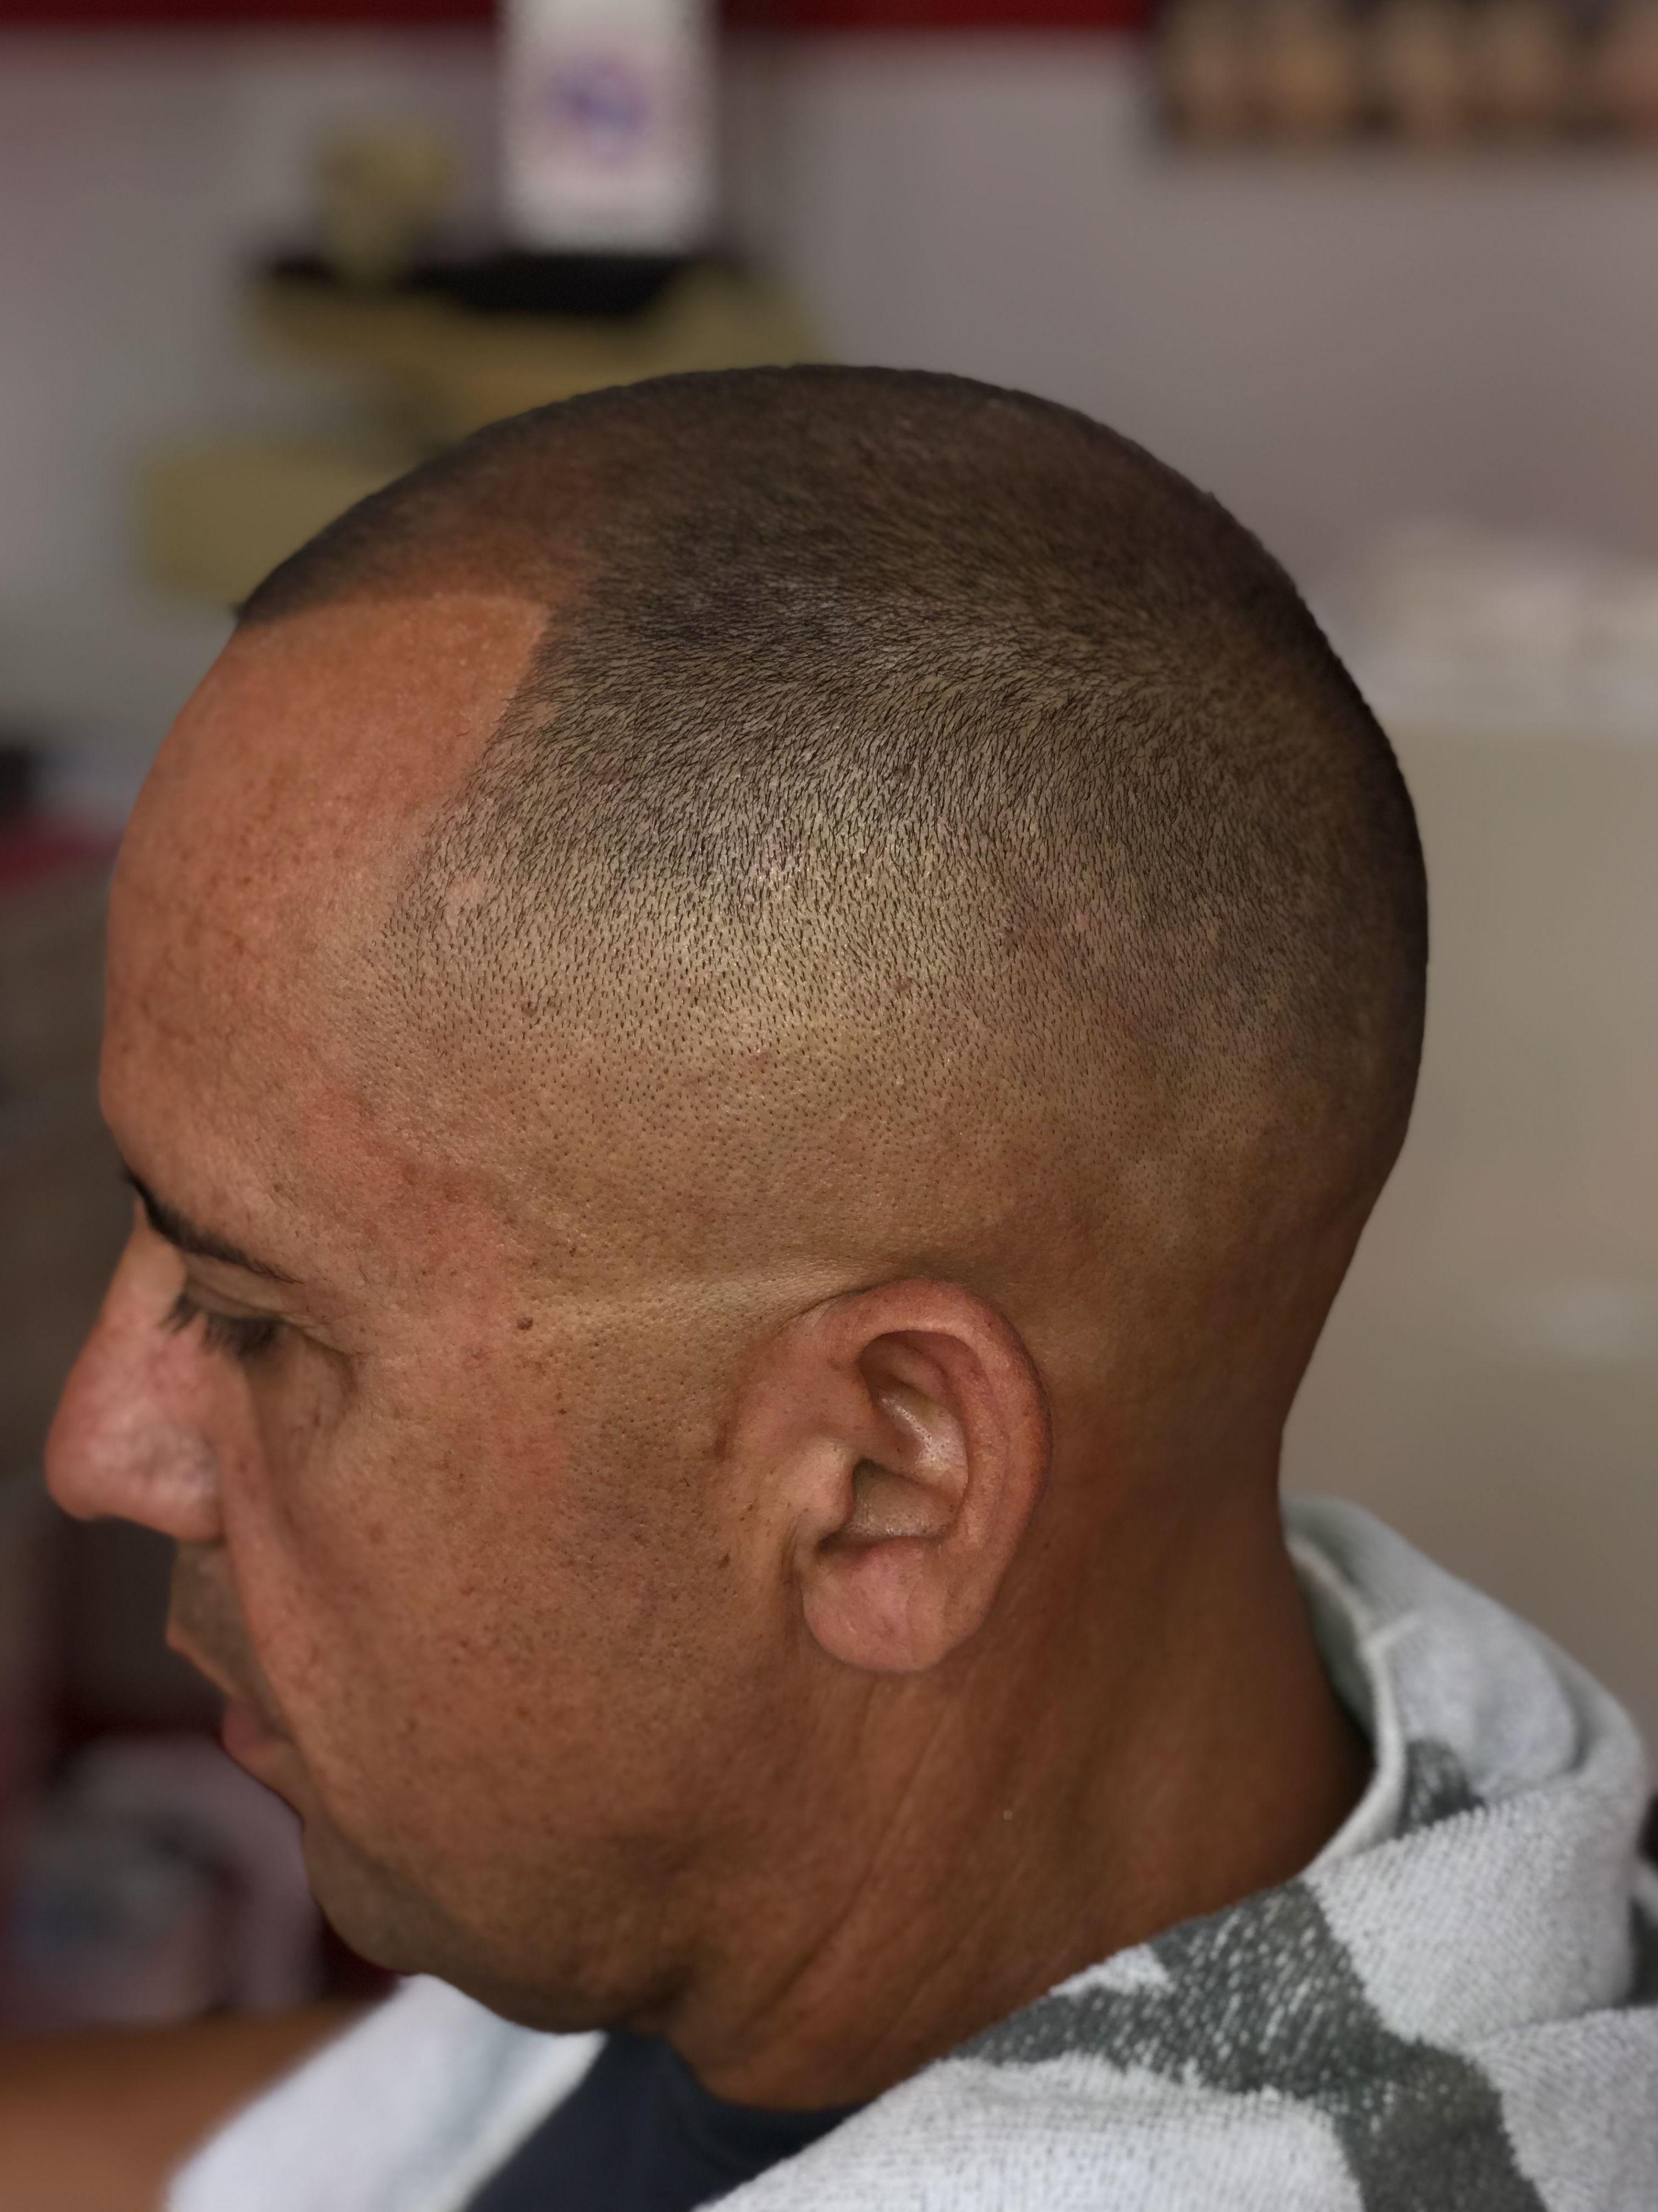 Foto 7 de Peluquería unisex y barbería en  | Janlet Barber Shop Unisex